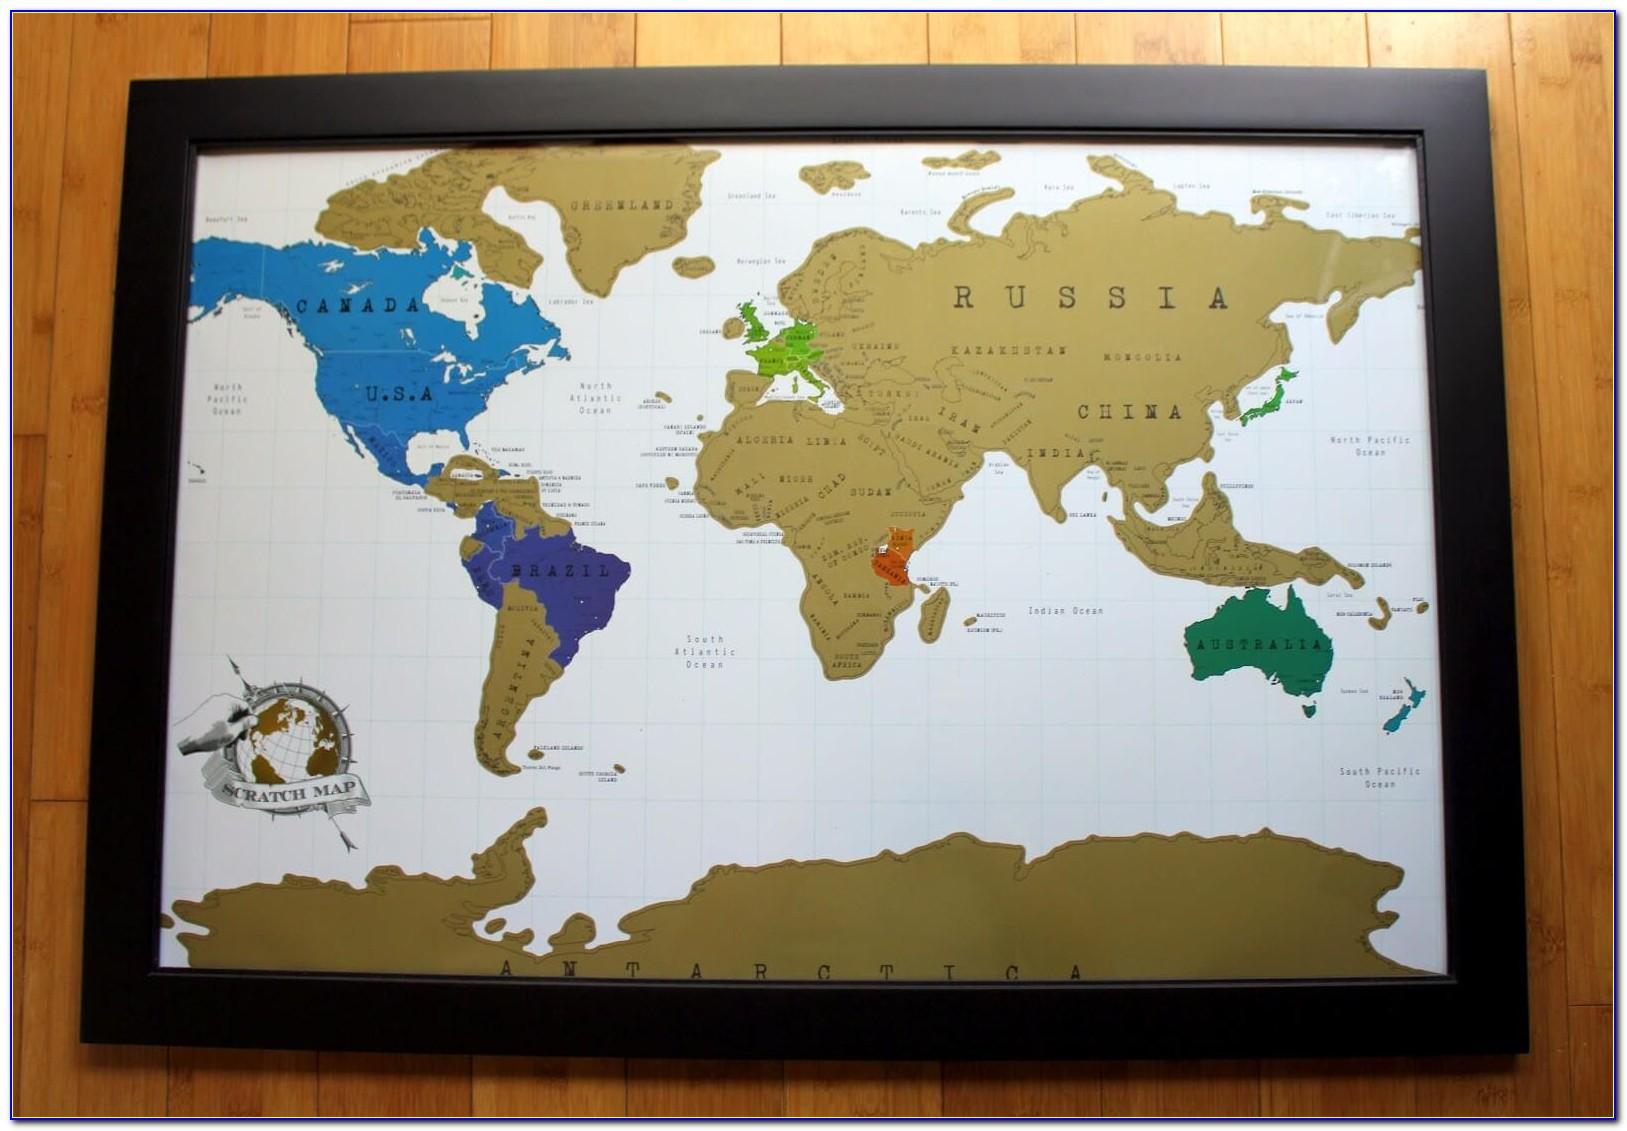 Scratch Off World Map Framed